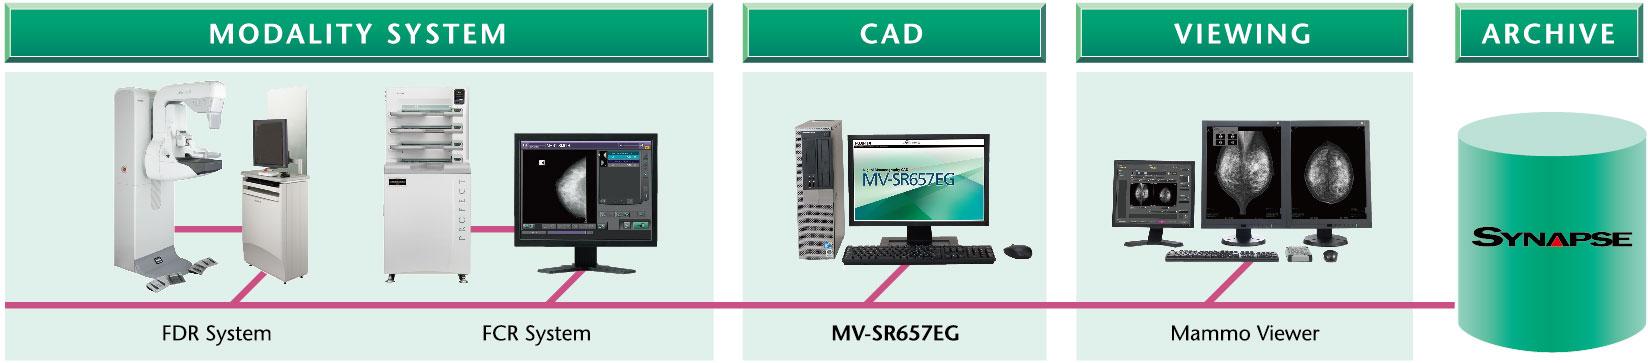 [imagem] Exemplo de configuração do sistema com sistema de modalidade (FDR ou FCR), CAD, Mammo Viewer e Synapse Archive conectados um ao outro